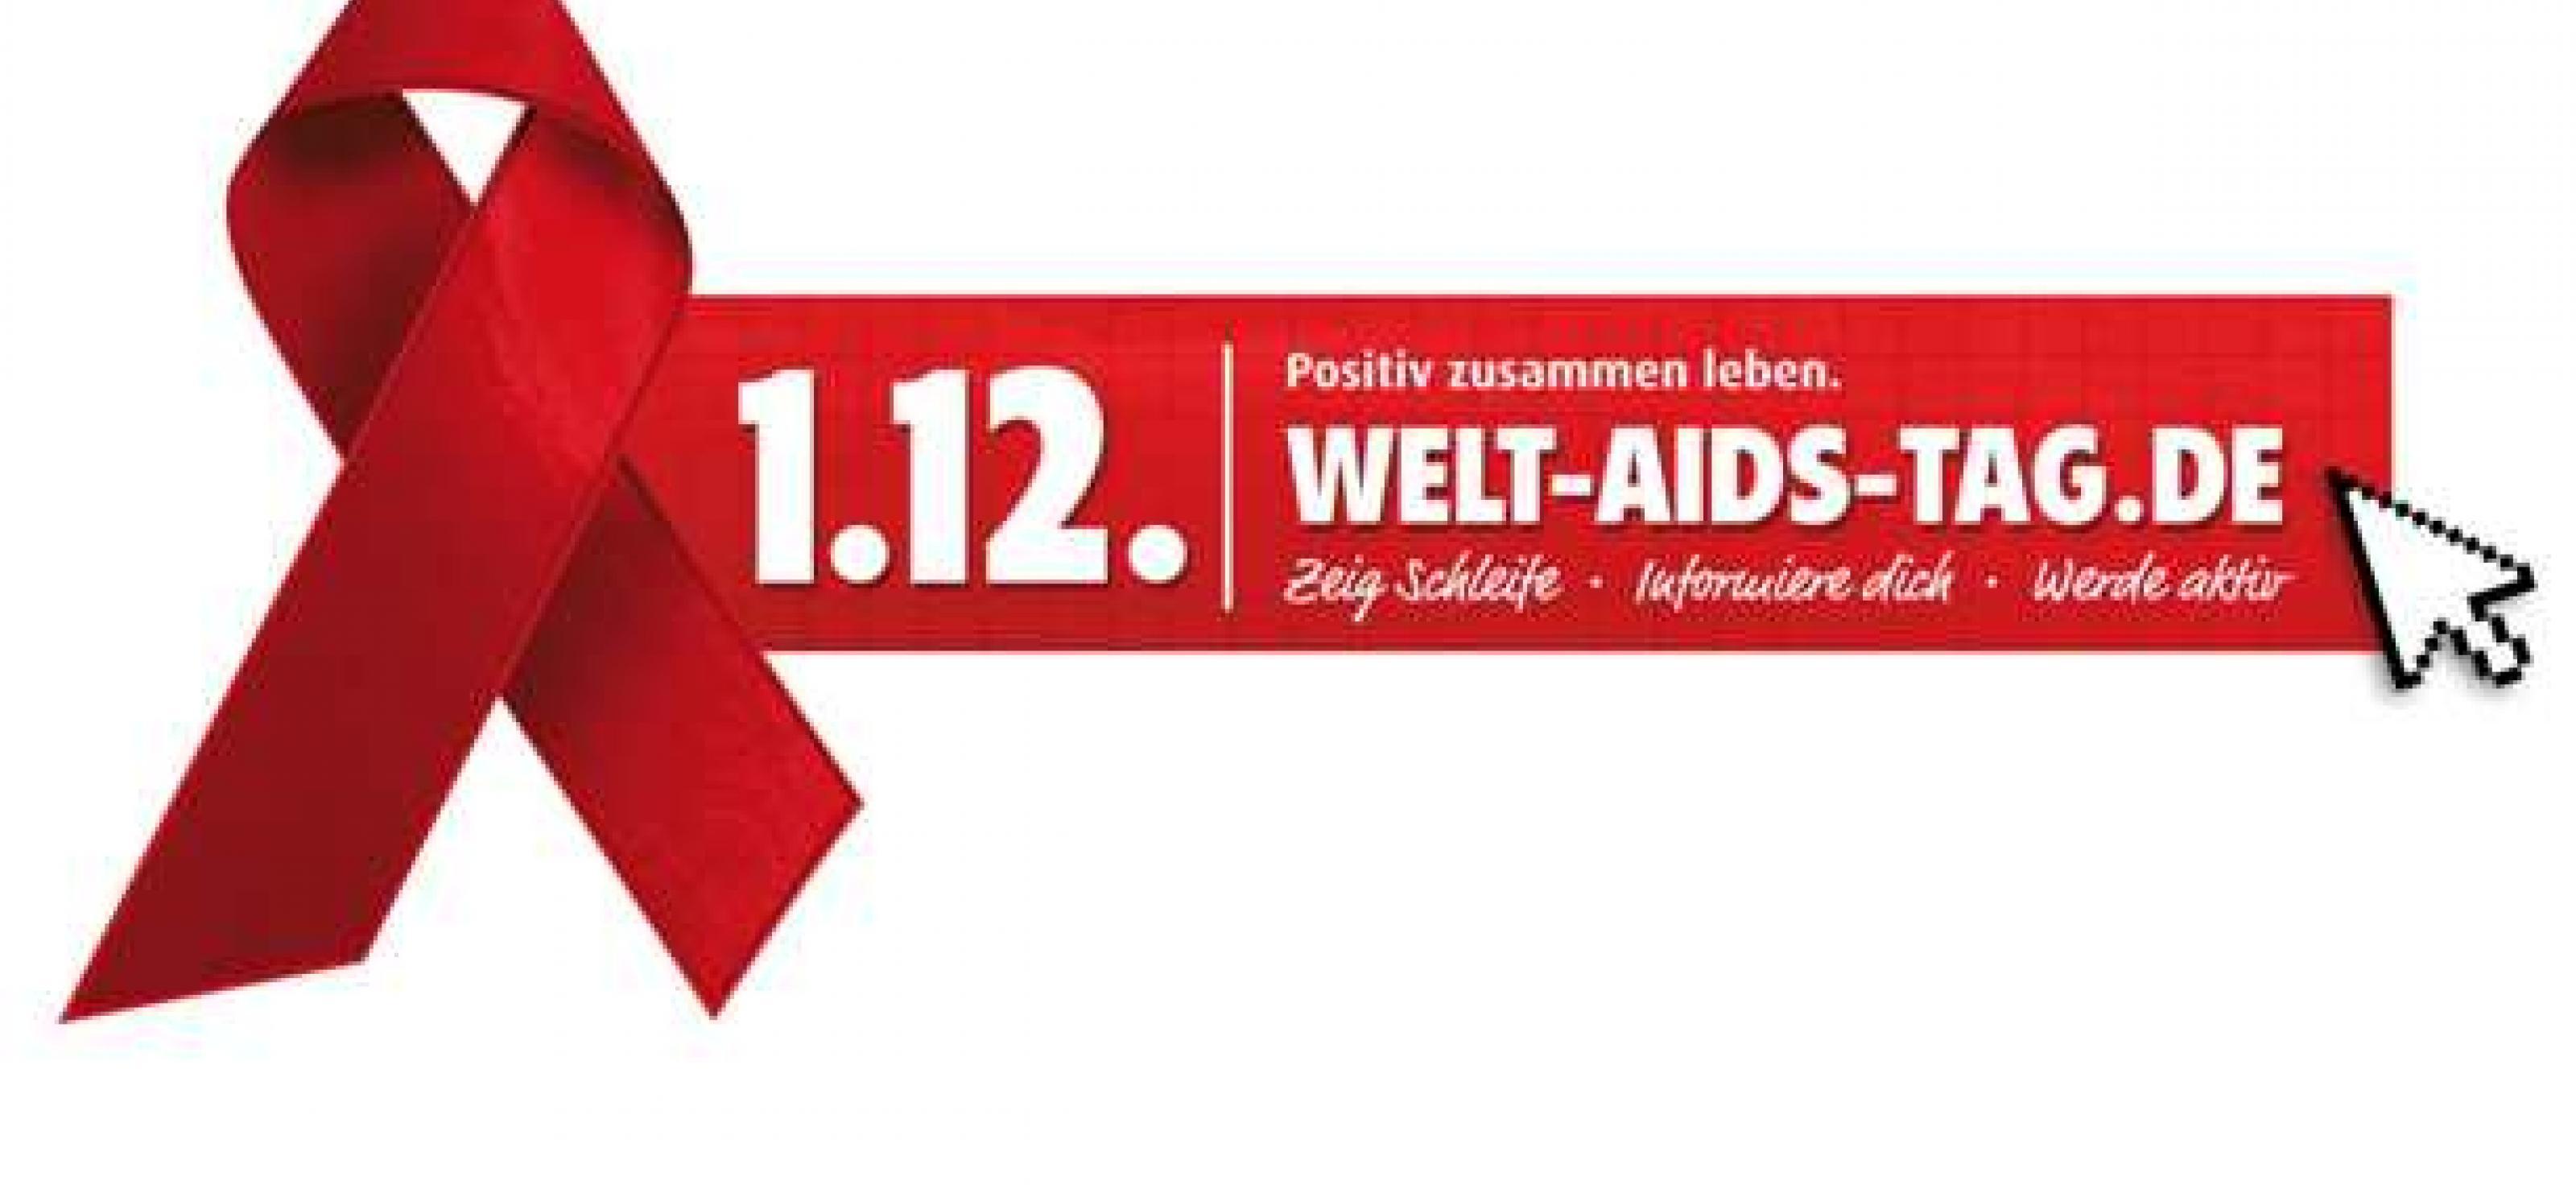 Dating-sites für hiv-positive menschen